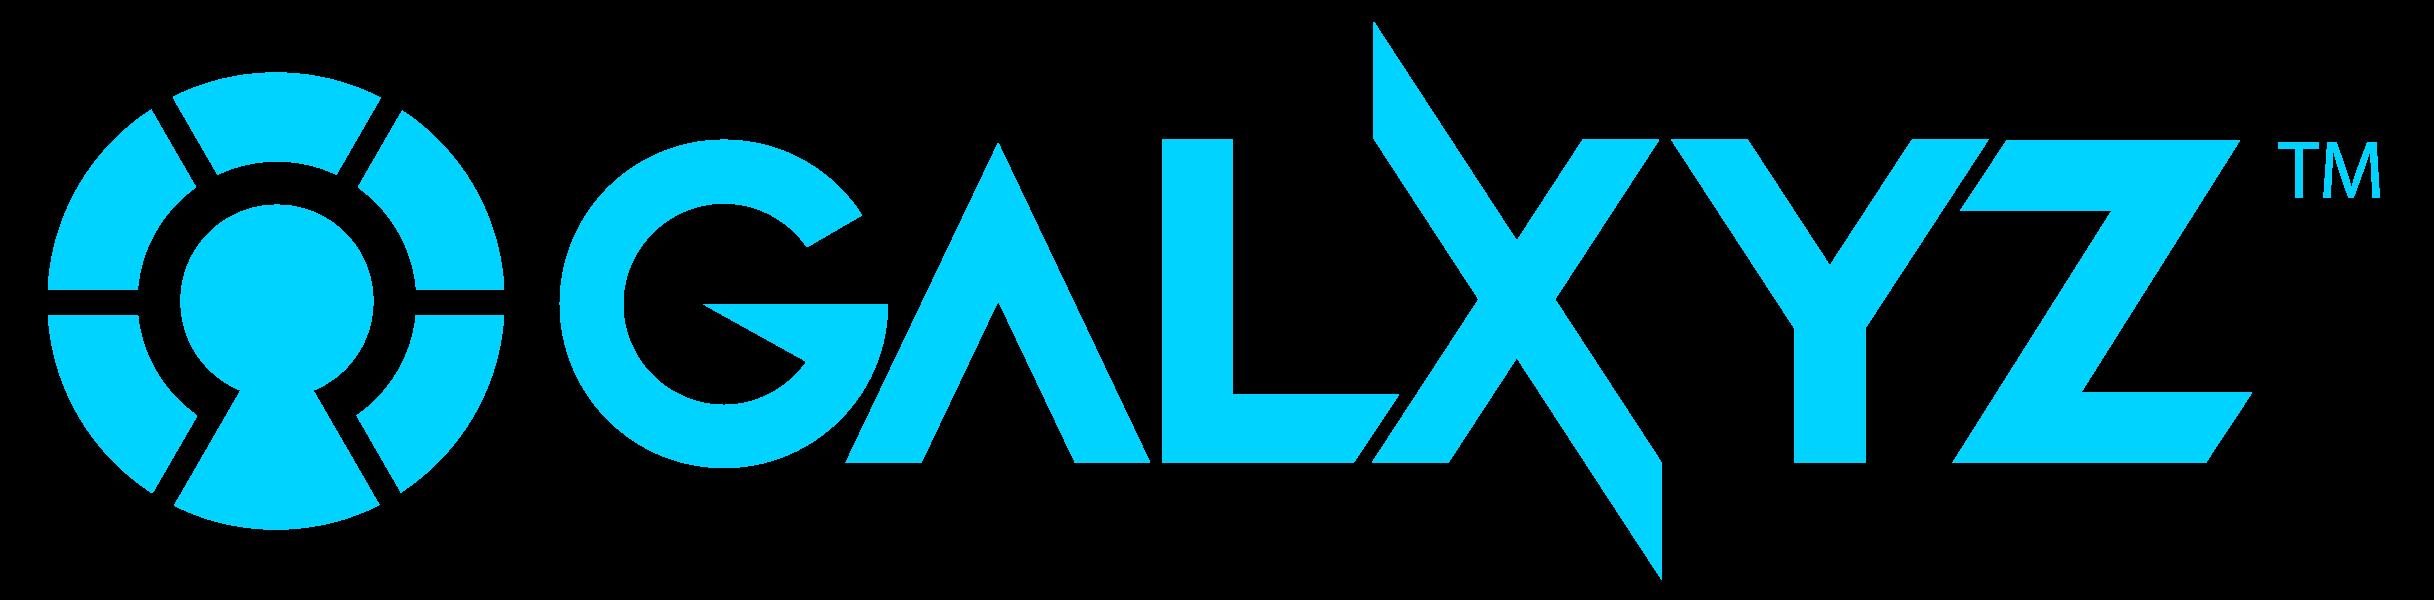 Galxyz Studios